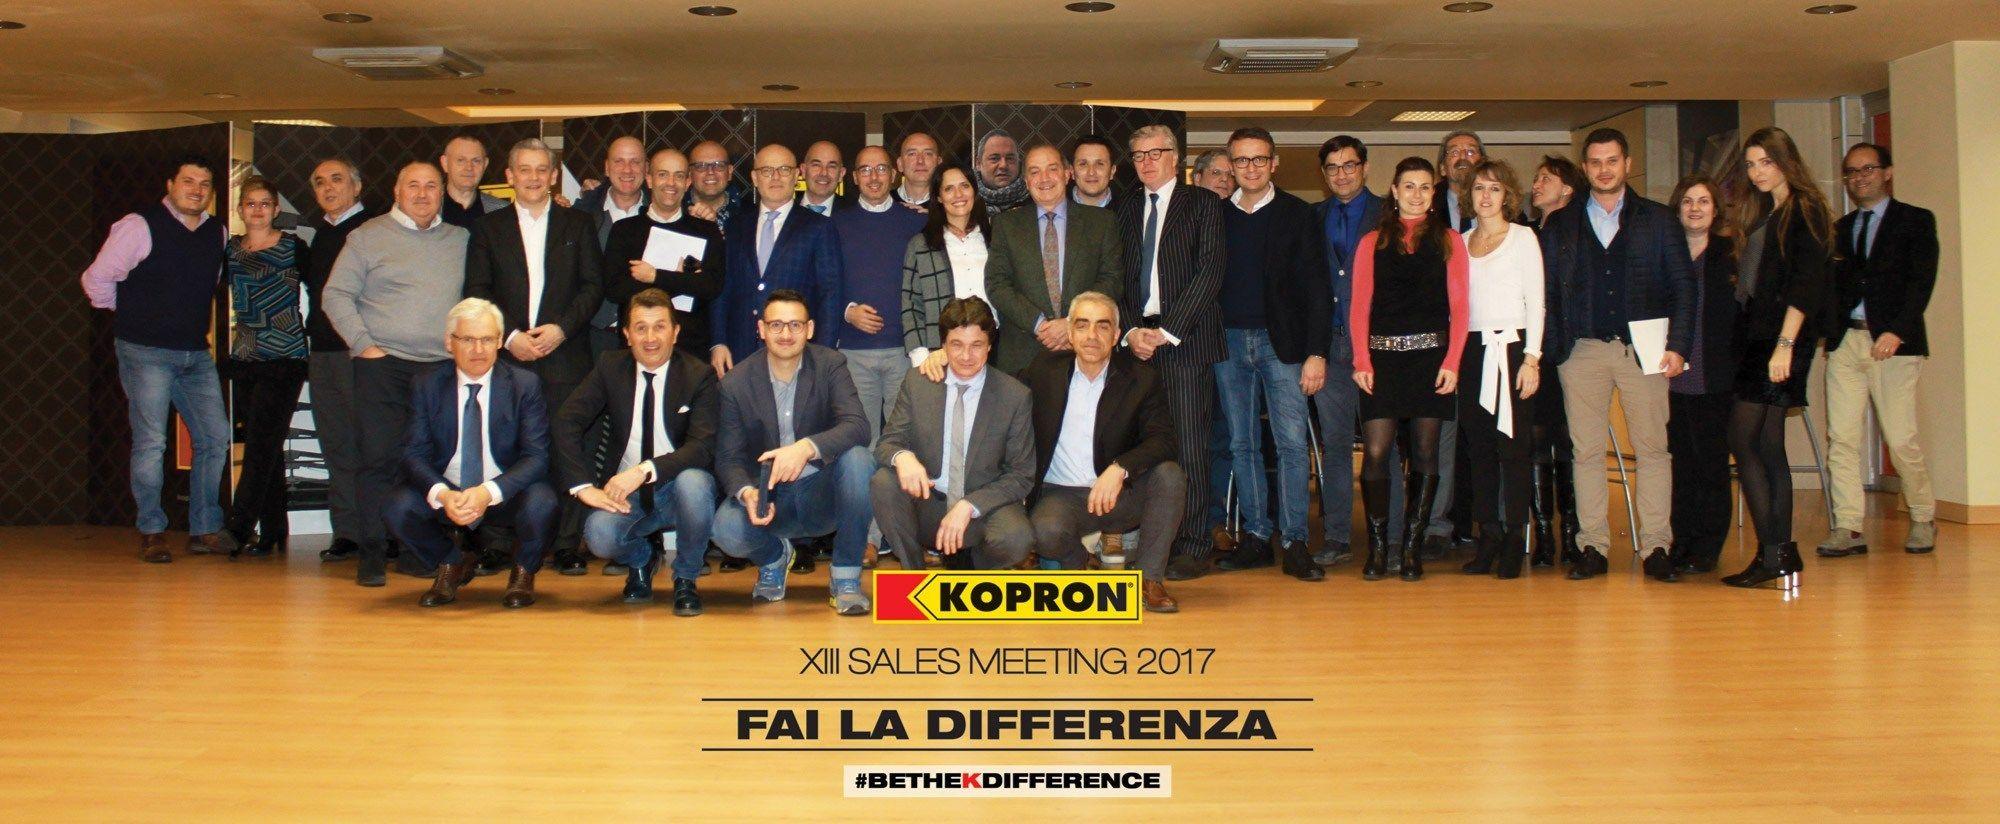 Kopron Italia, grande meeting nel quartier generale di Milano